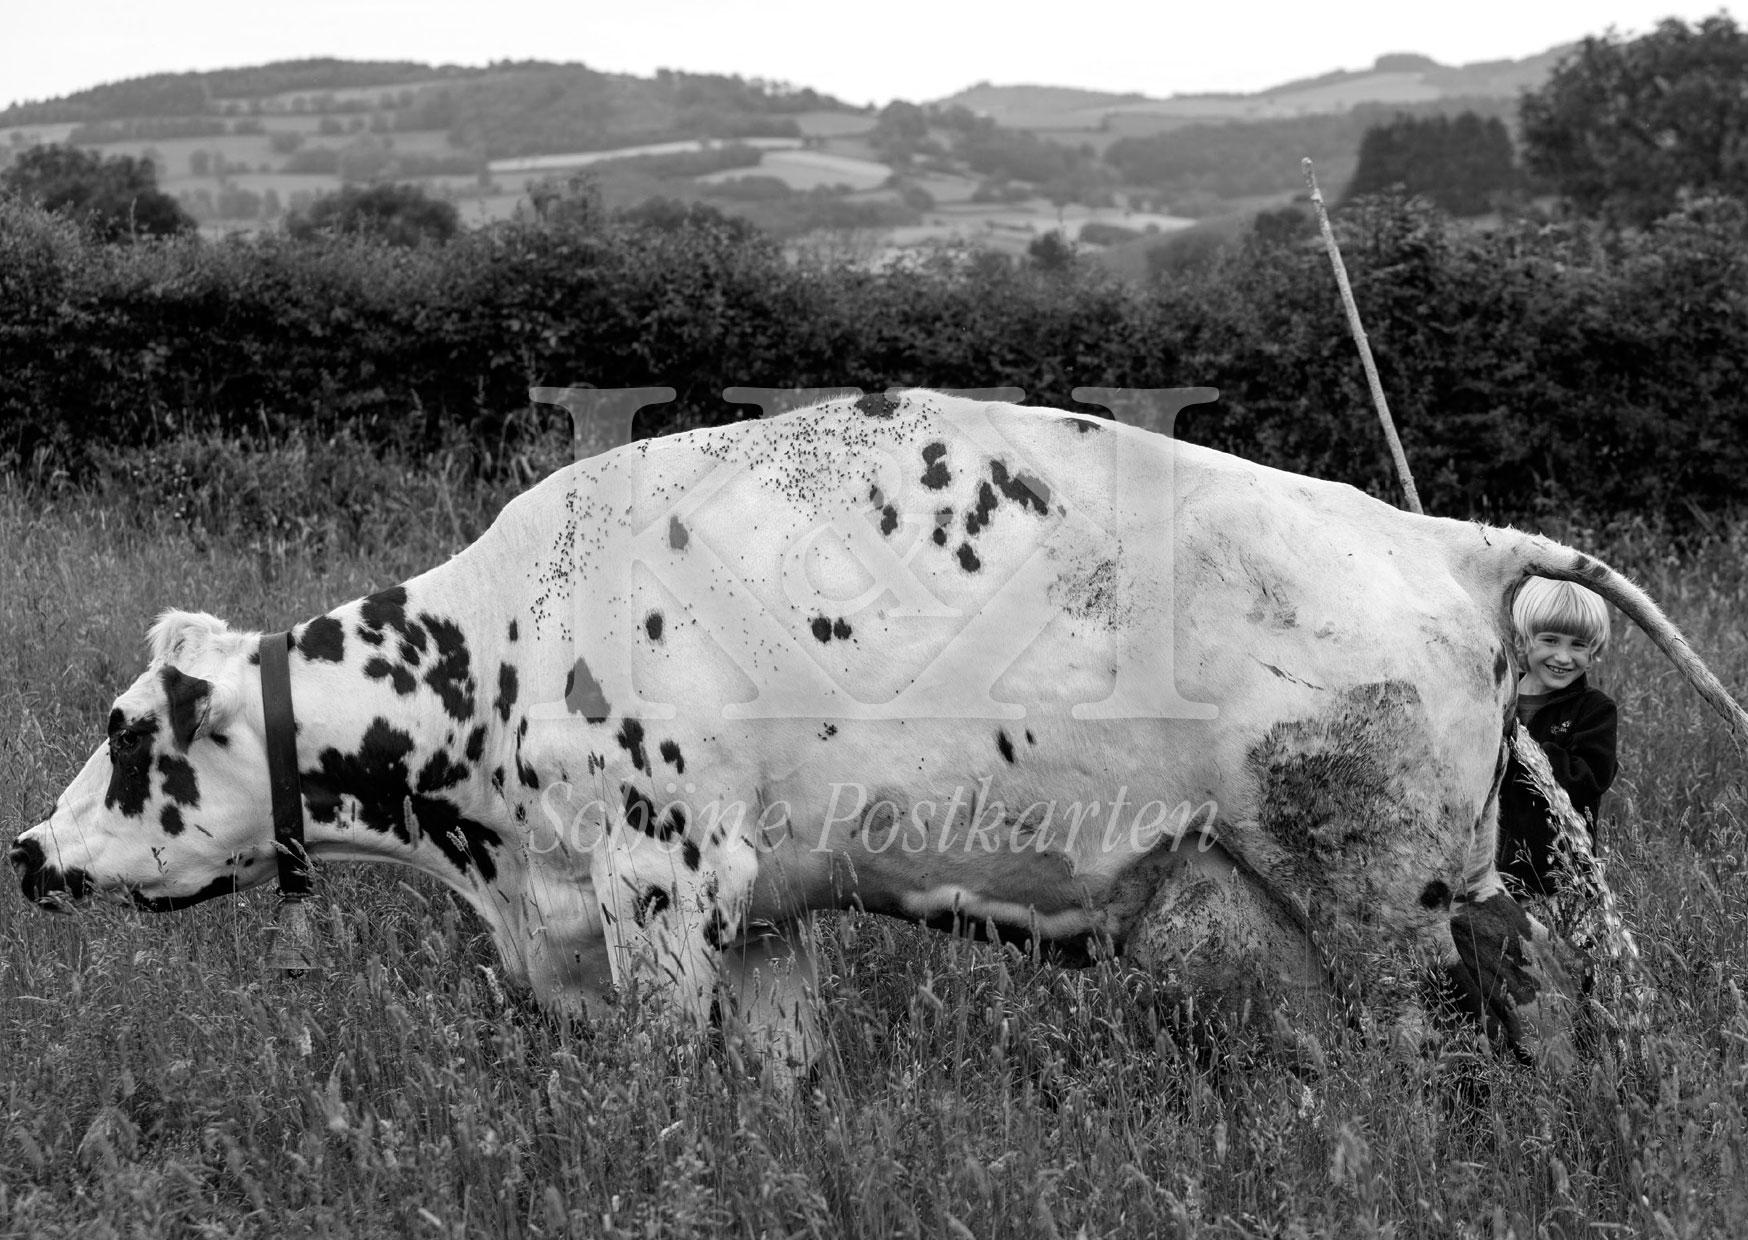 <strong>Schöne Postkarte Nr. 224</strong> · Le garçon qui rit – avec une vache en Bourgogne © 2018